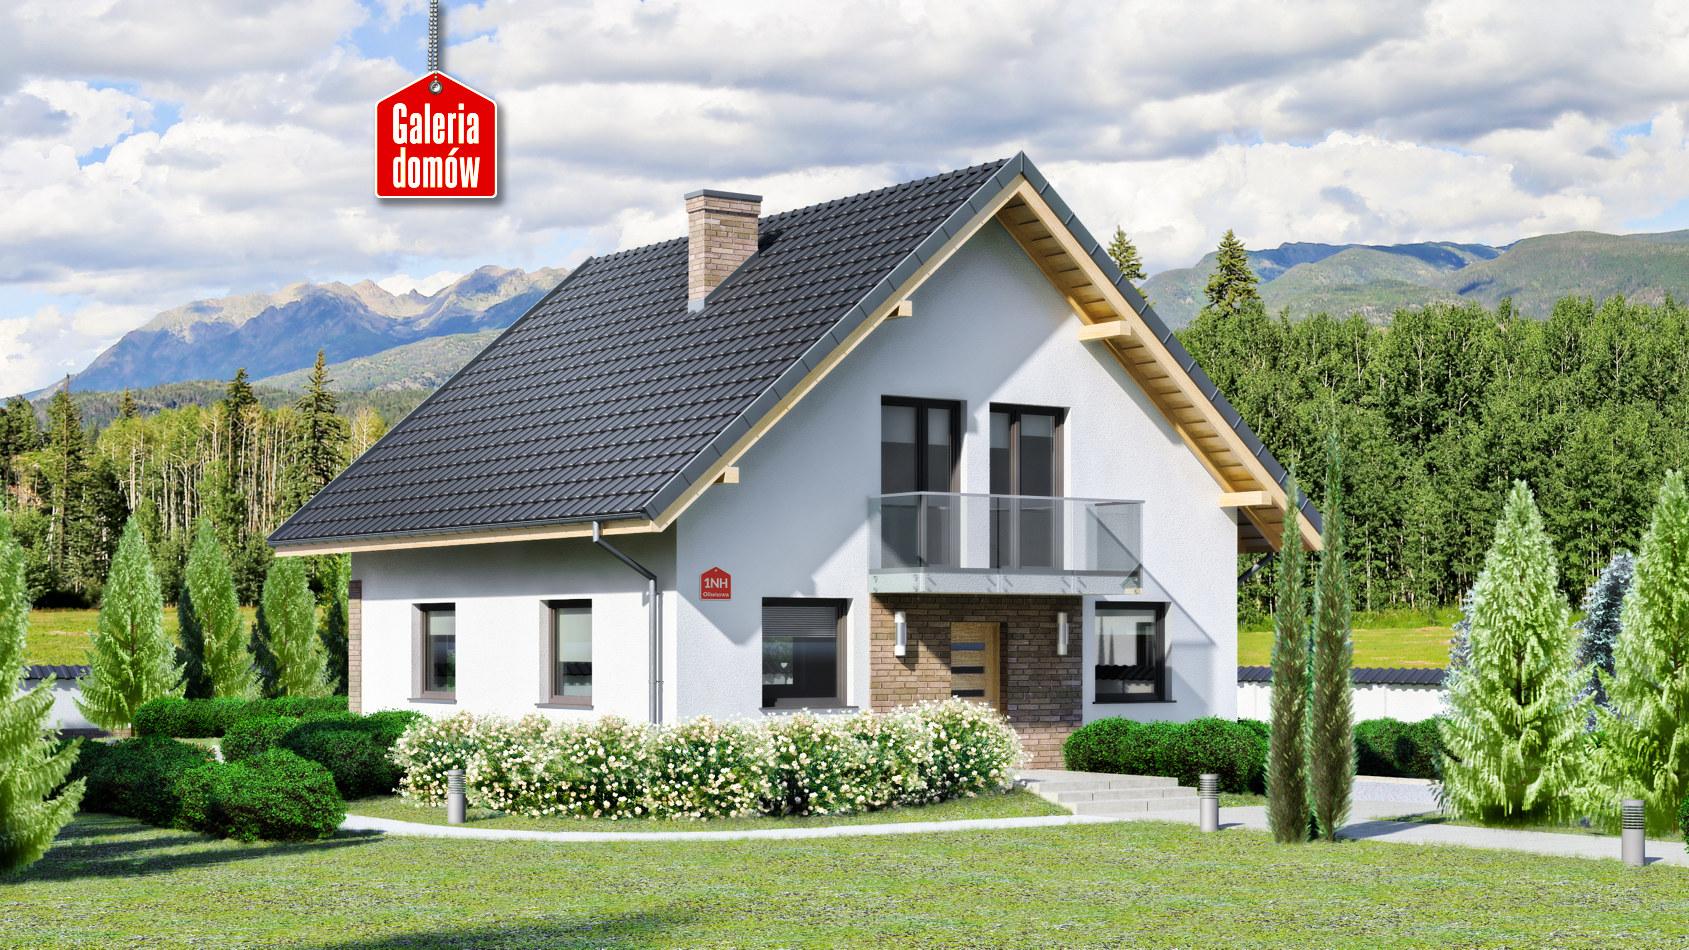 O superba casa cu mansarda de 130 mp. Vezi proiectul complet